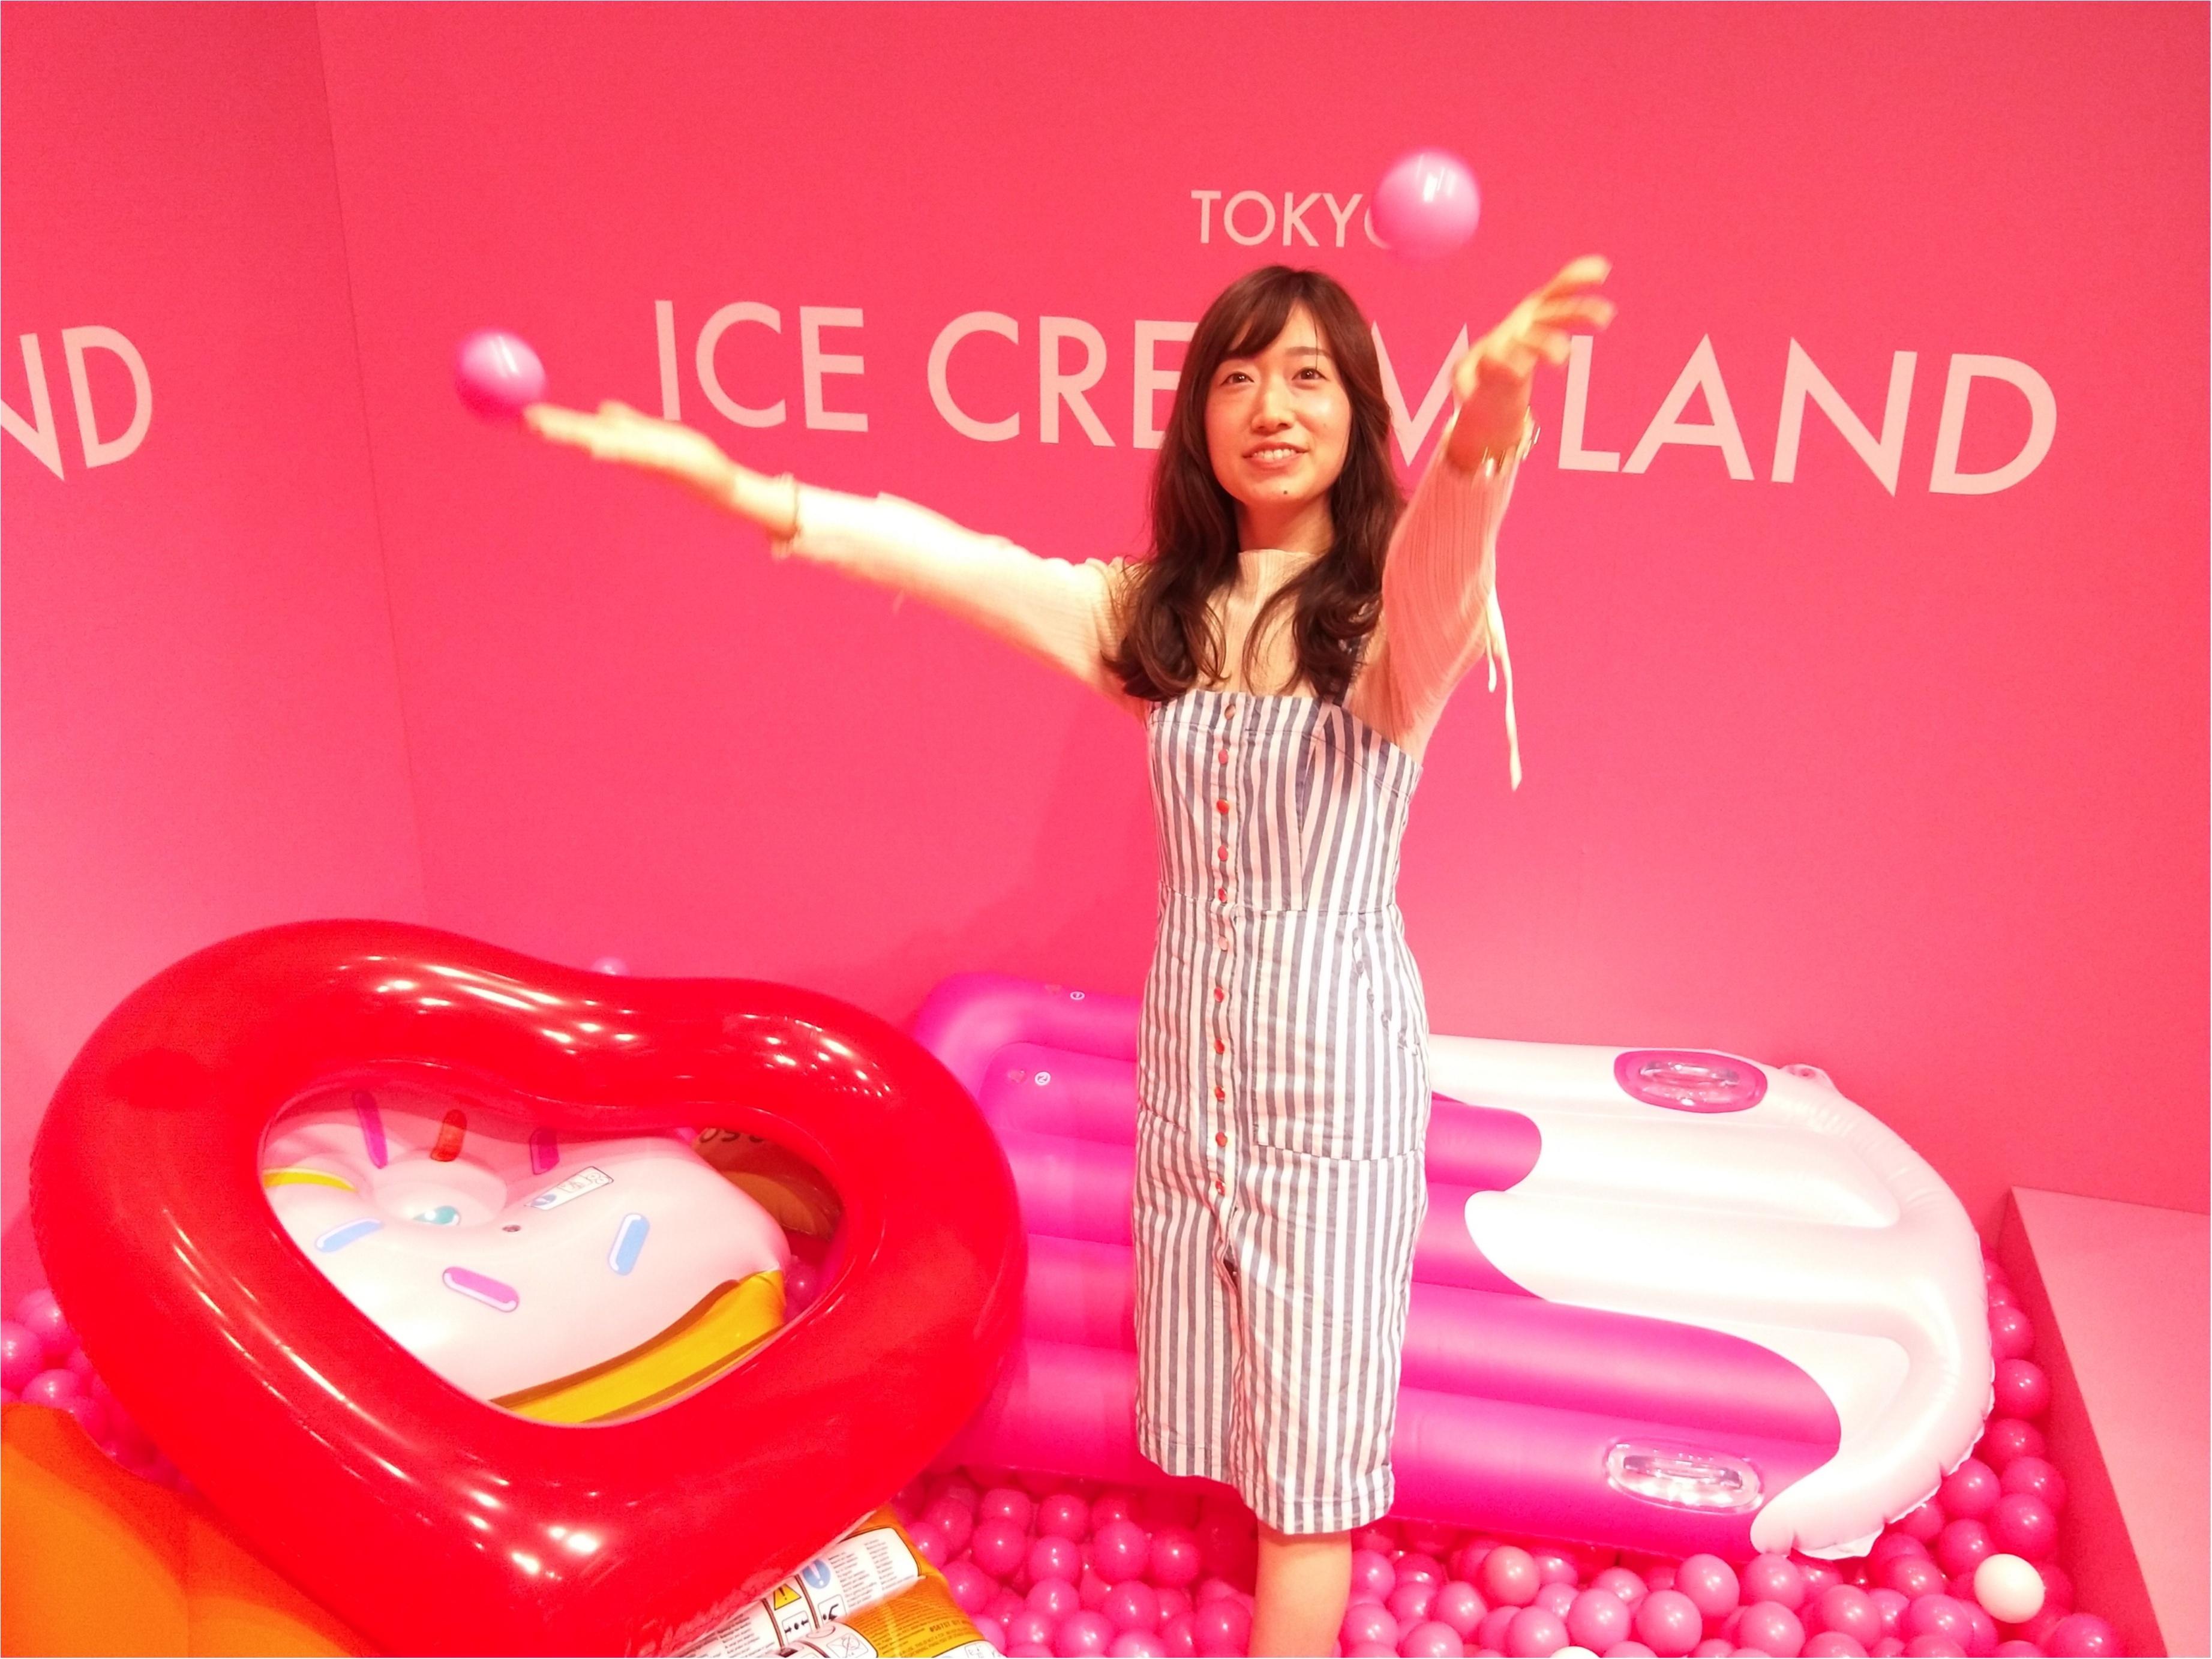 アイスクリームの夢の国「ICE CREAM LAND」でフォトジェニック空間を満喫♡横浜コレットマーレ5/27まで!_6_4